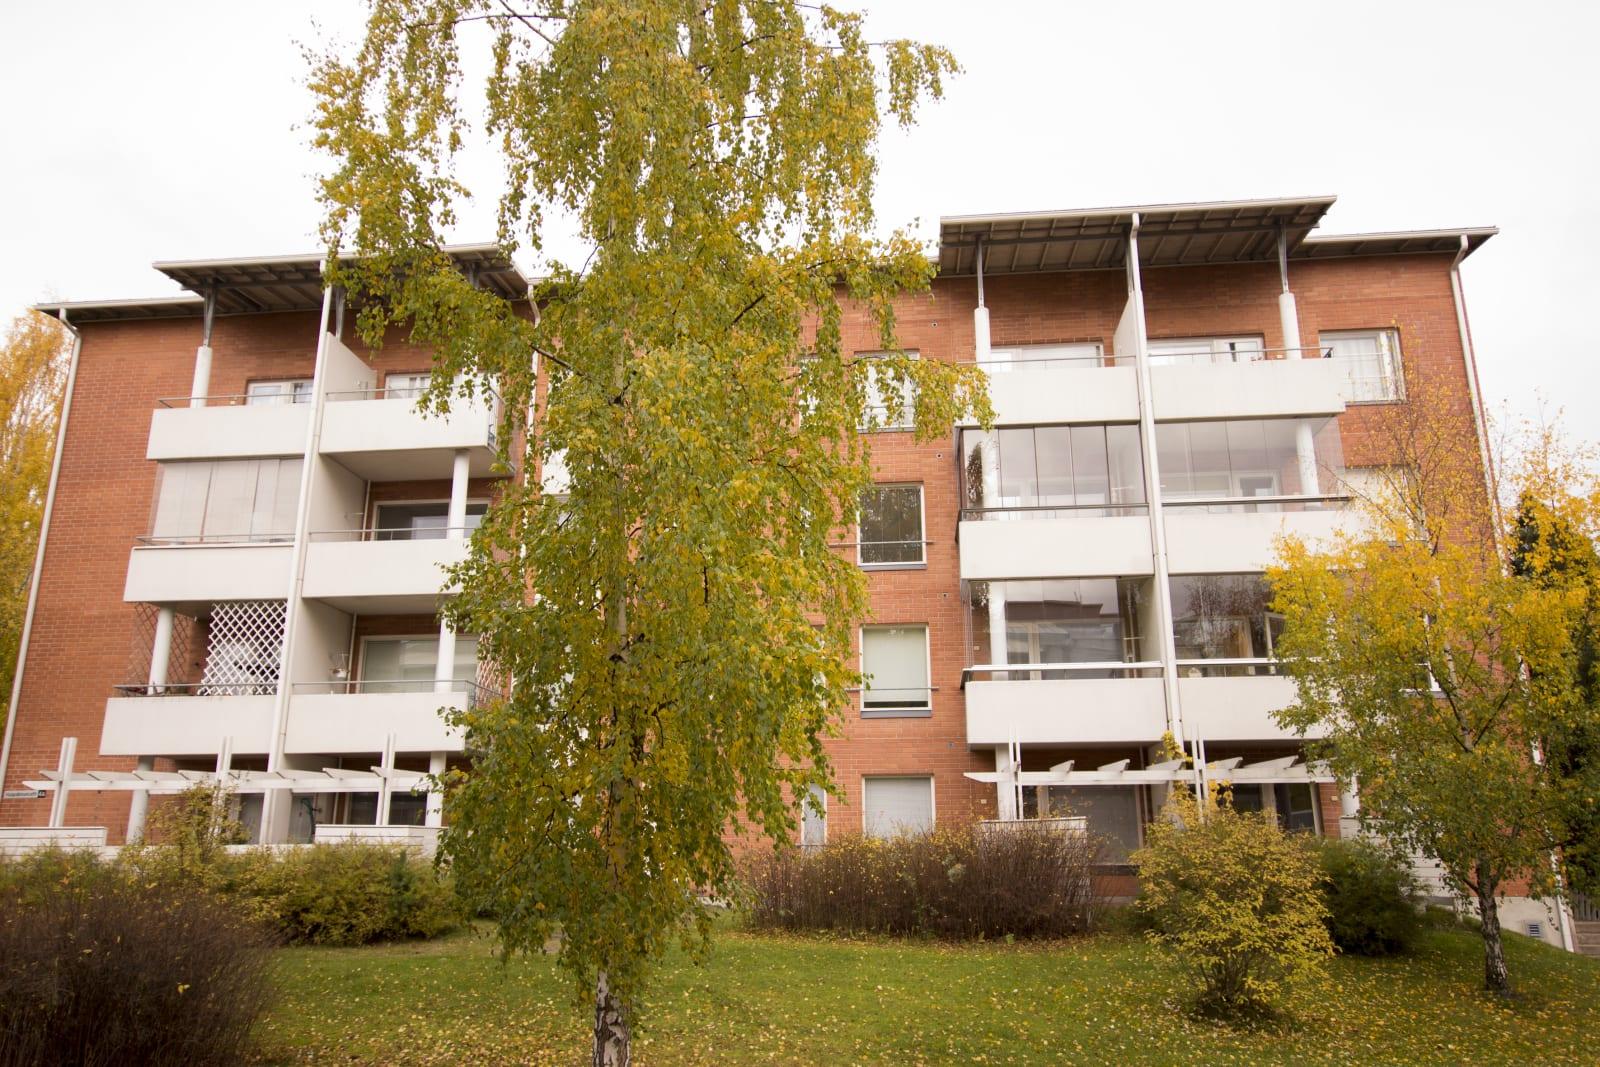 Tampere, Epilä, Haapalinnanraitti 4